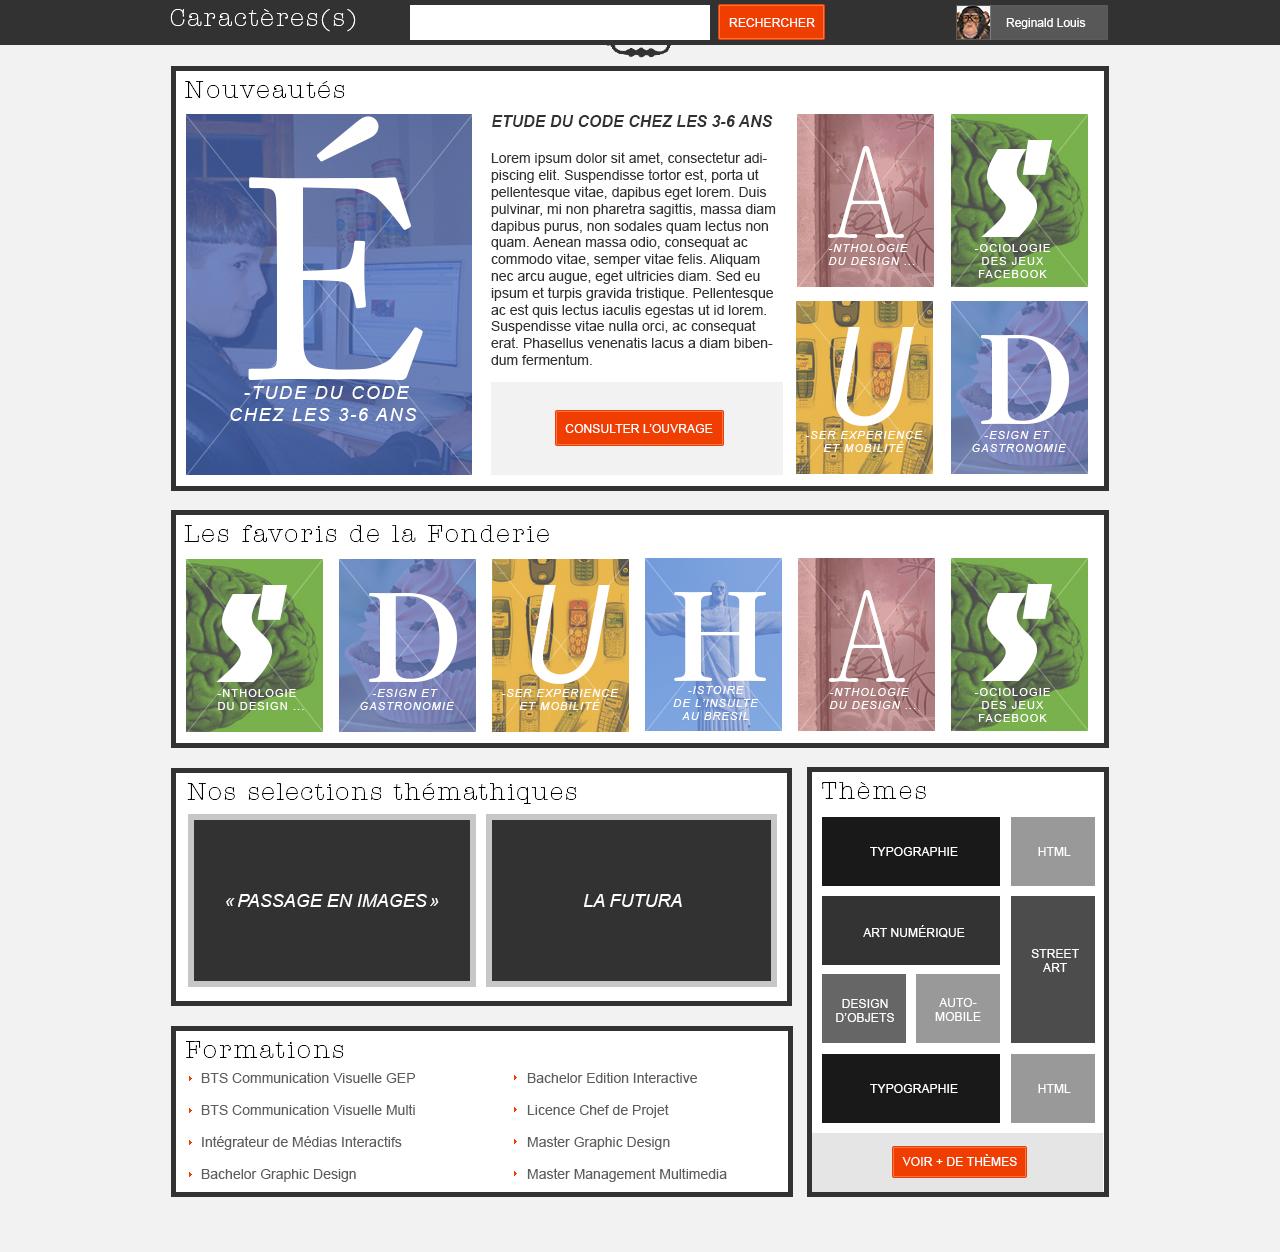 """page d'accueil """"Caractère(s)"""" : activité dans le cours d'ergonomie """"la fonderie de l'image"""""""